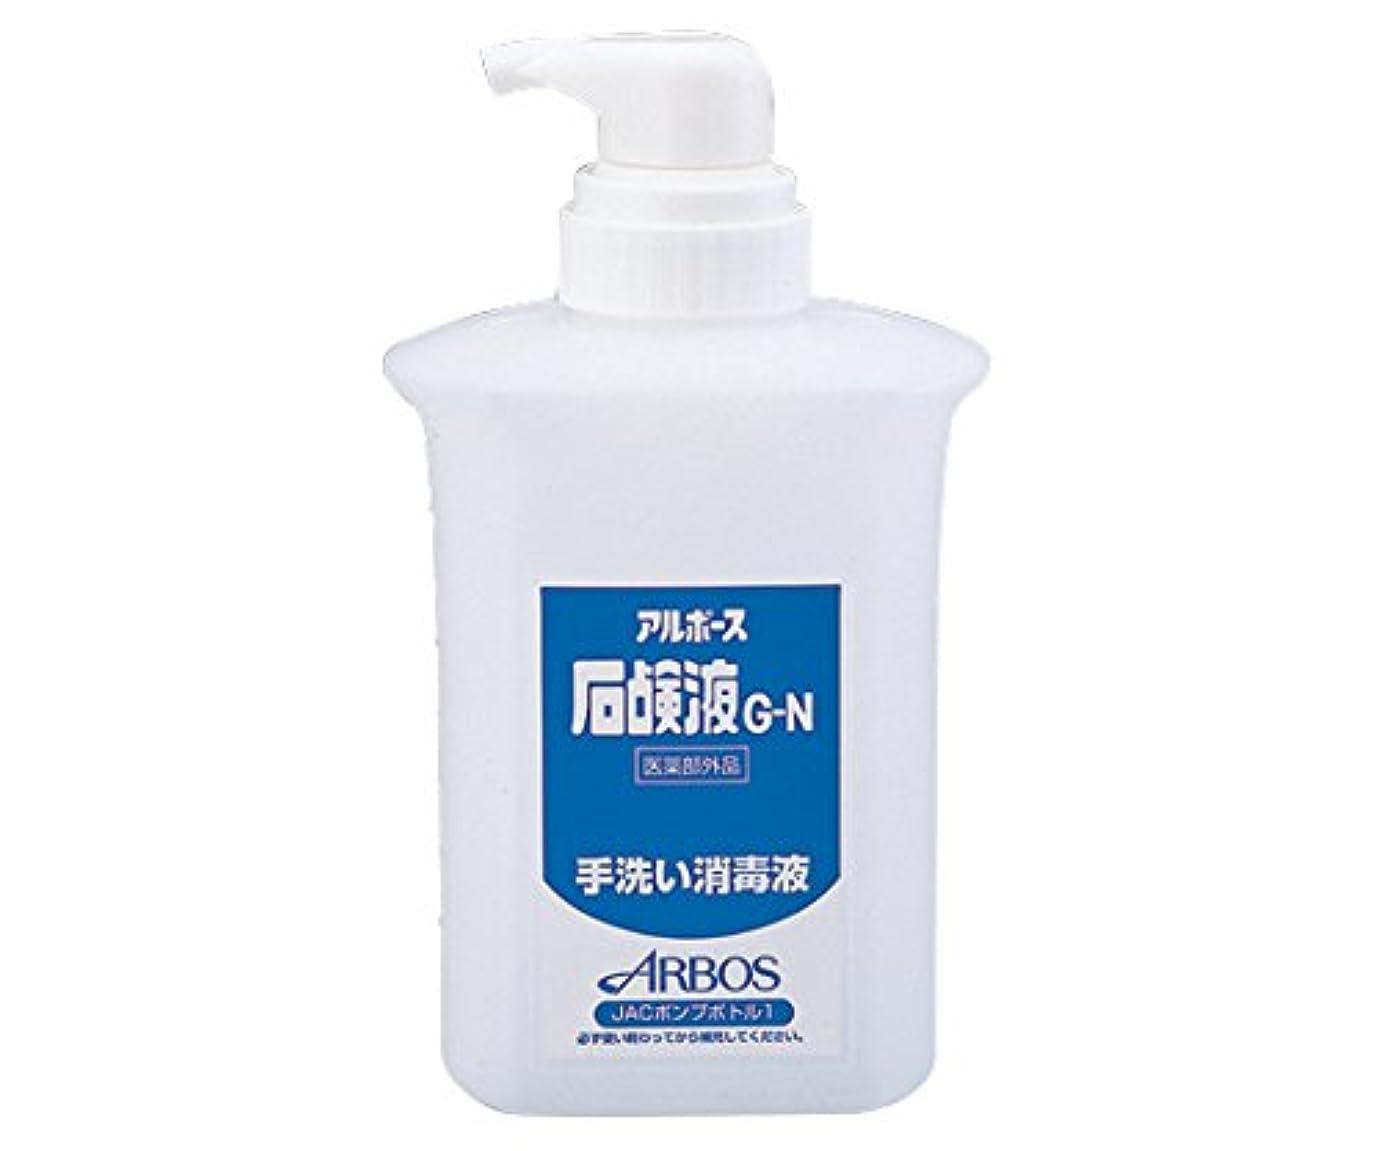 メドレーゼリー時々アルボースiG-N用ポンプボトル 1000mL